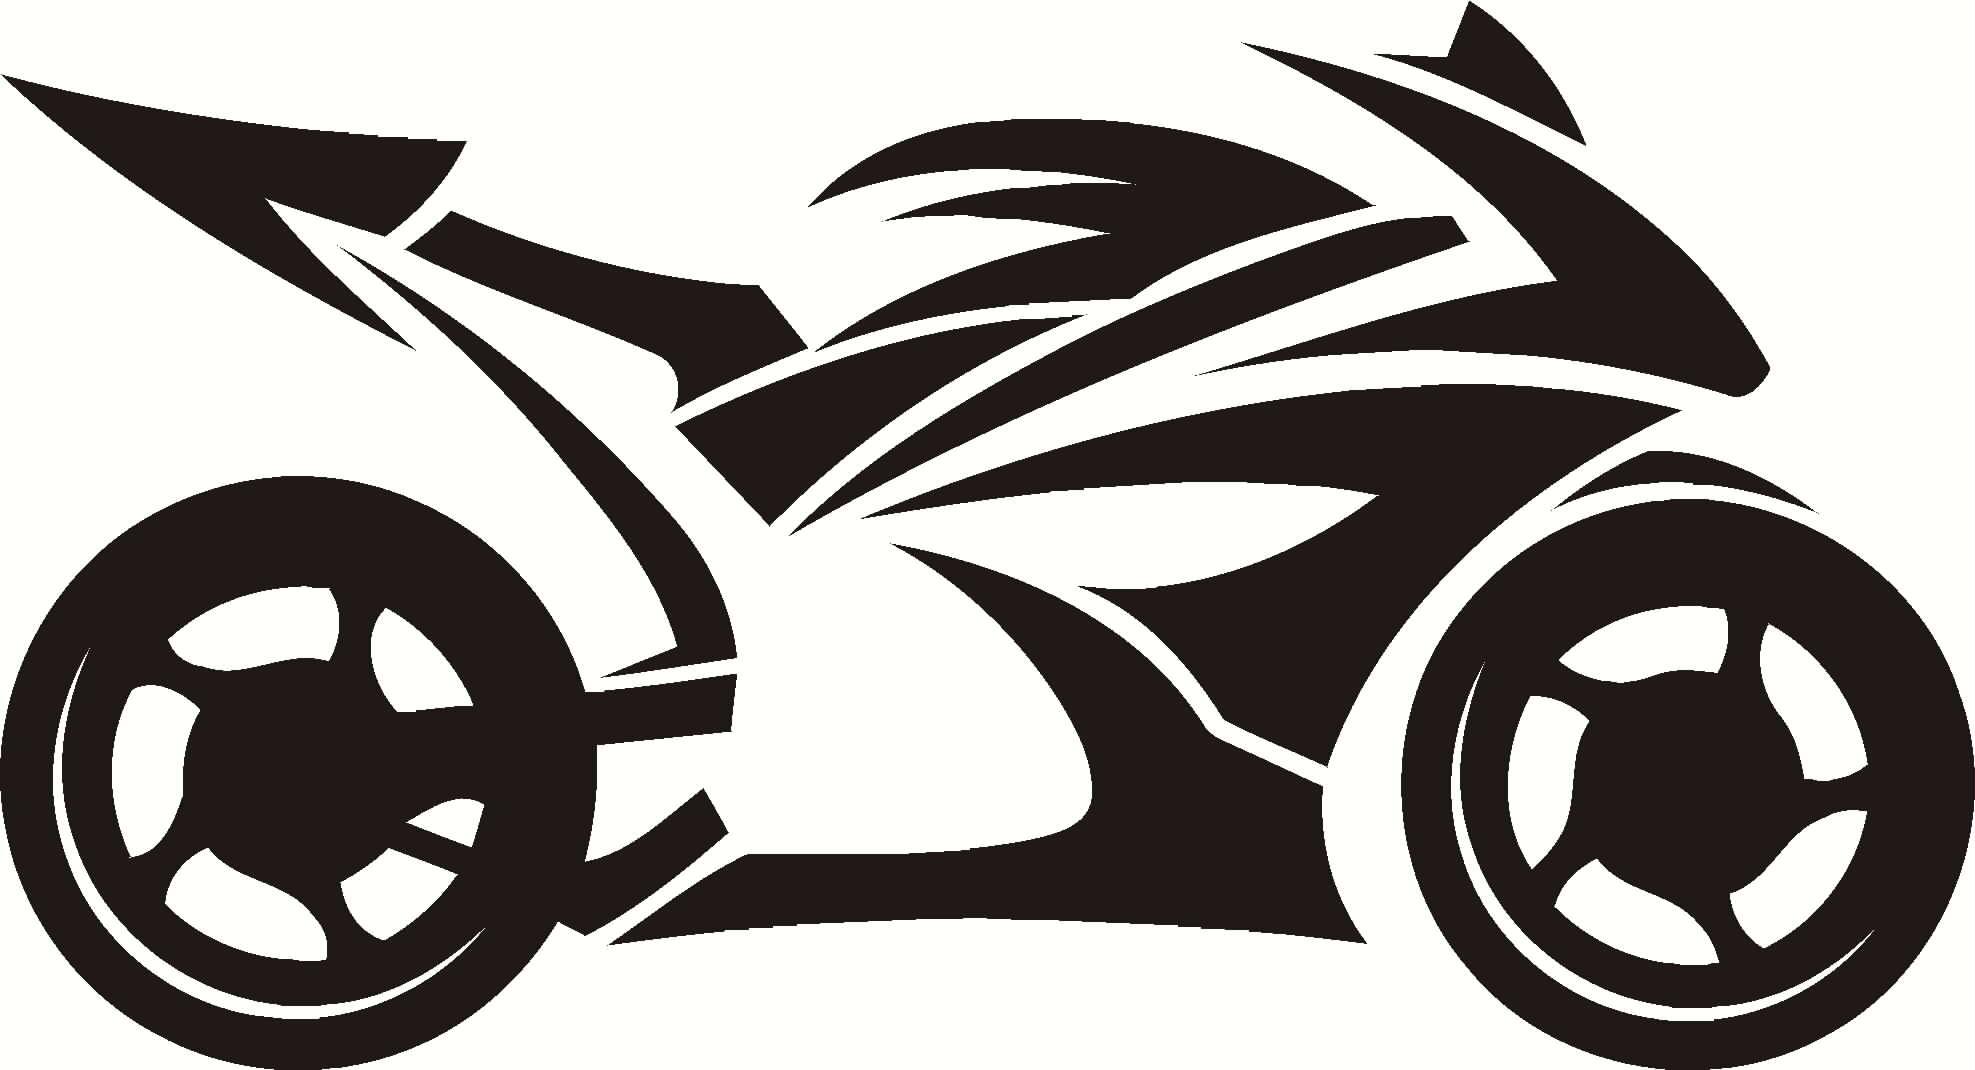 Yamaha logo clip art.